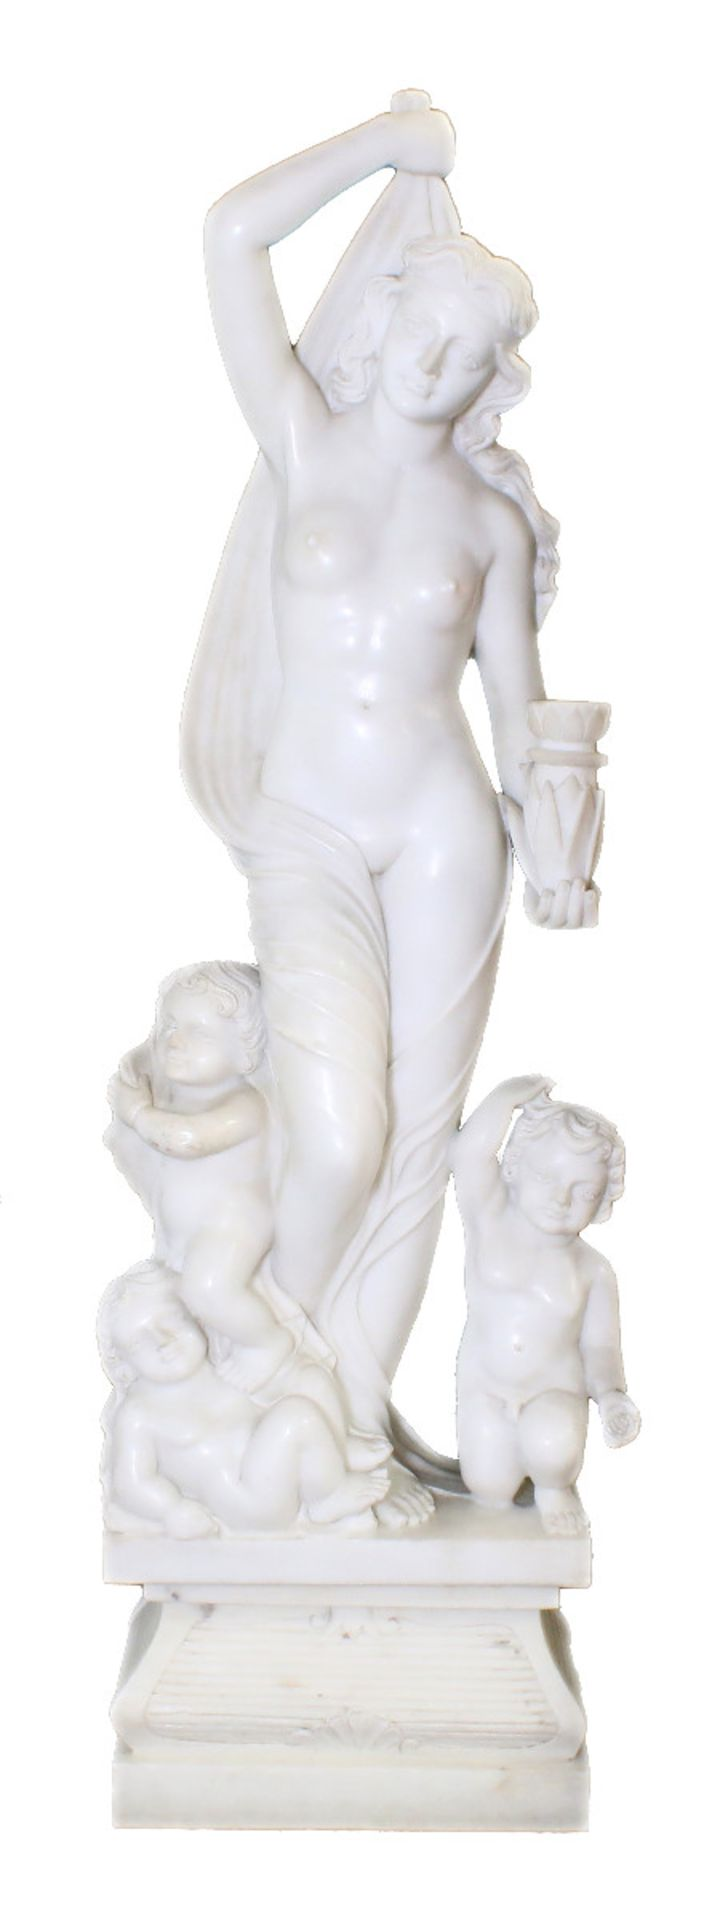 """Große Marmorfigur - """"Allegorie des Sommers"""" Weiblicher Halbakt aus weißem Carrara Marmor. In der"""